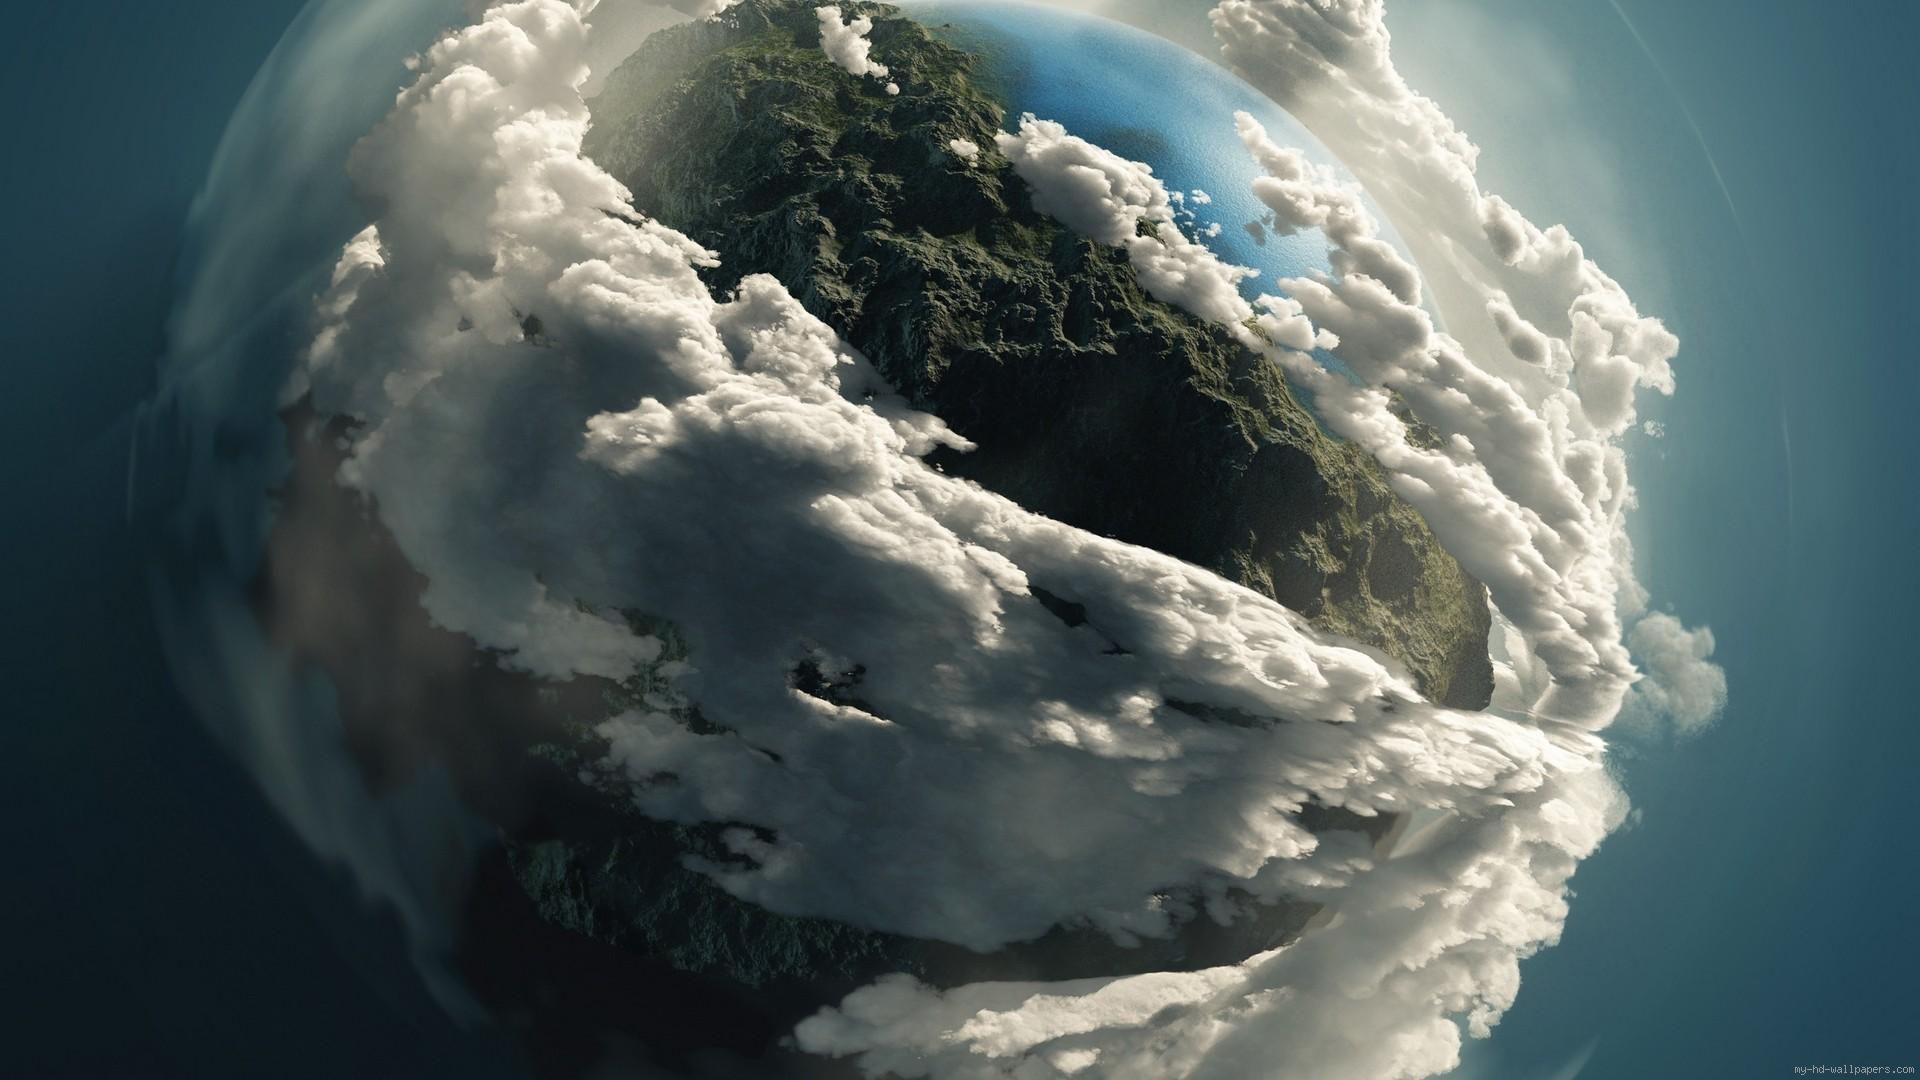 Poner fin a las emisiones no podrá detener el calentamiento global, indica investigación